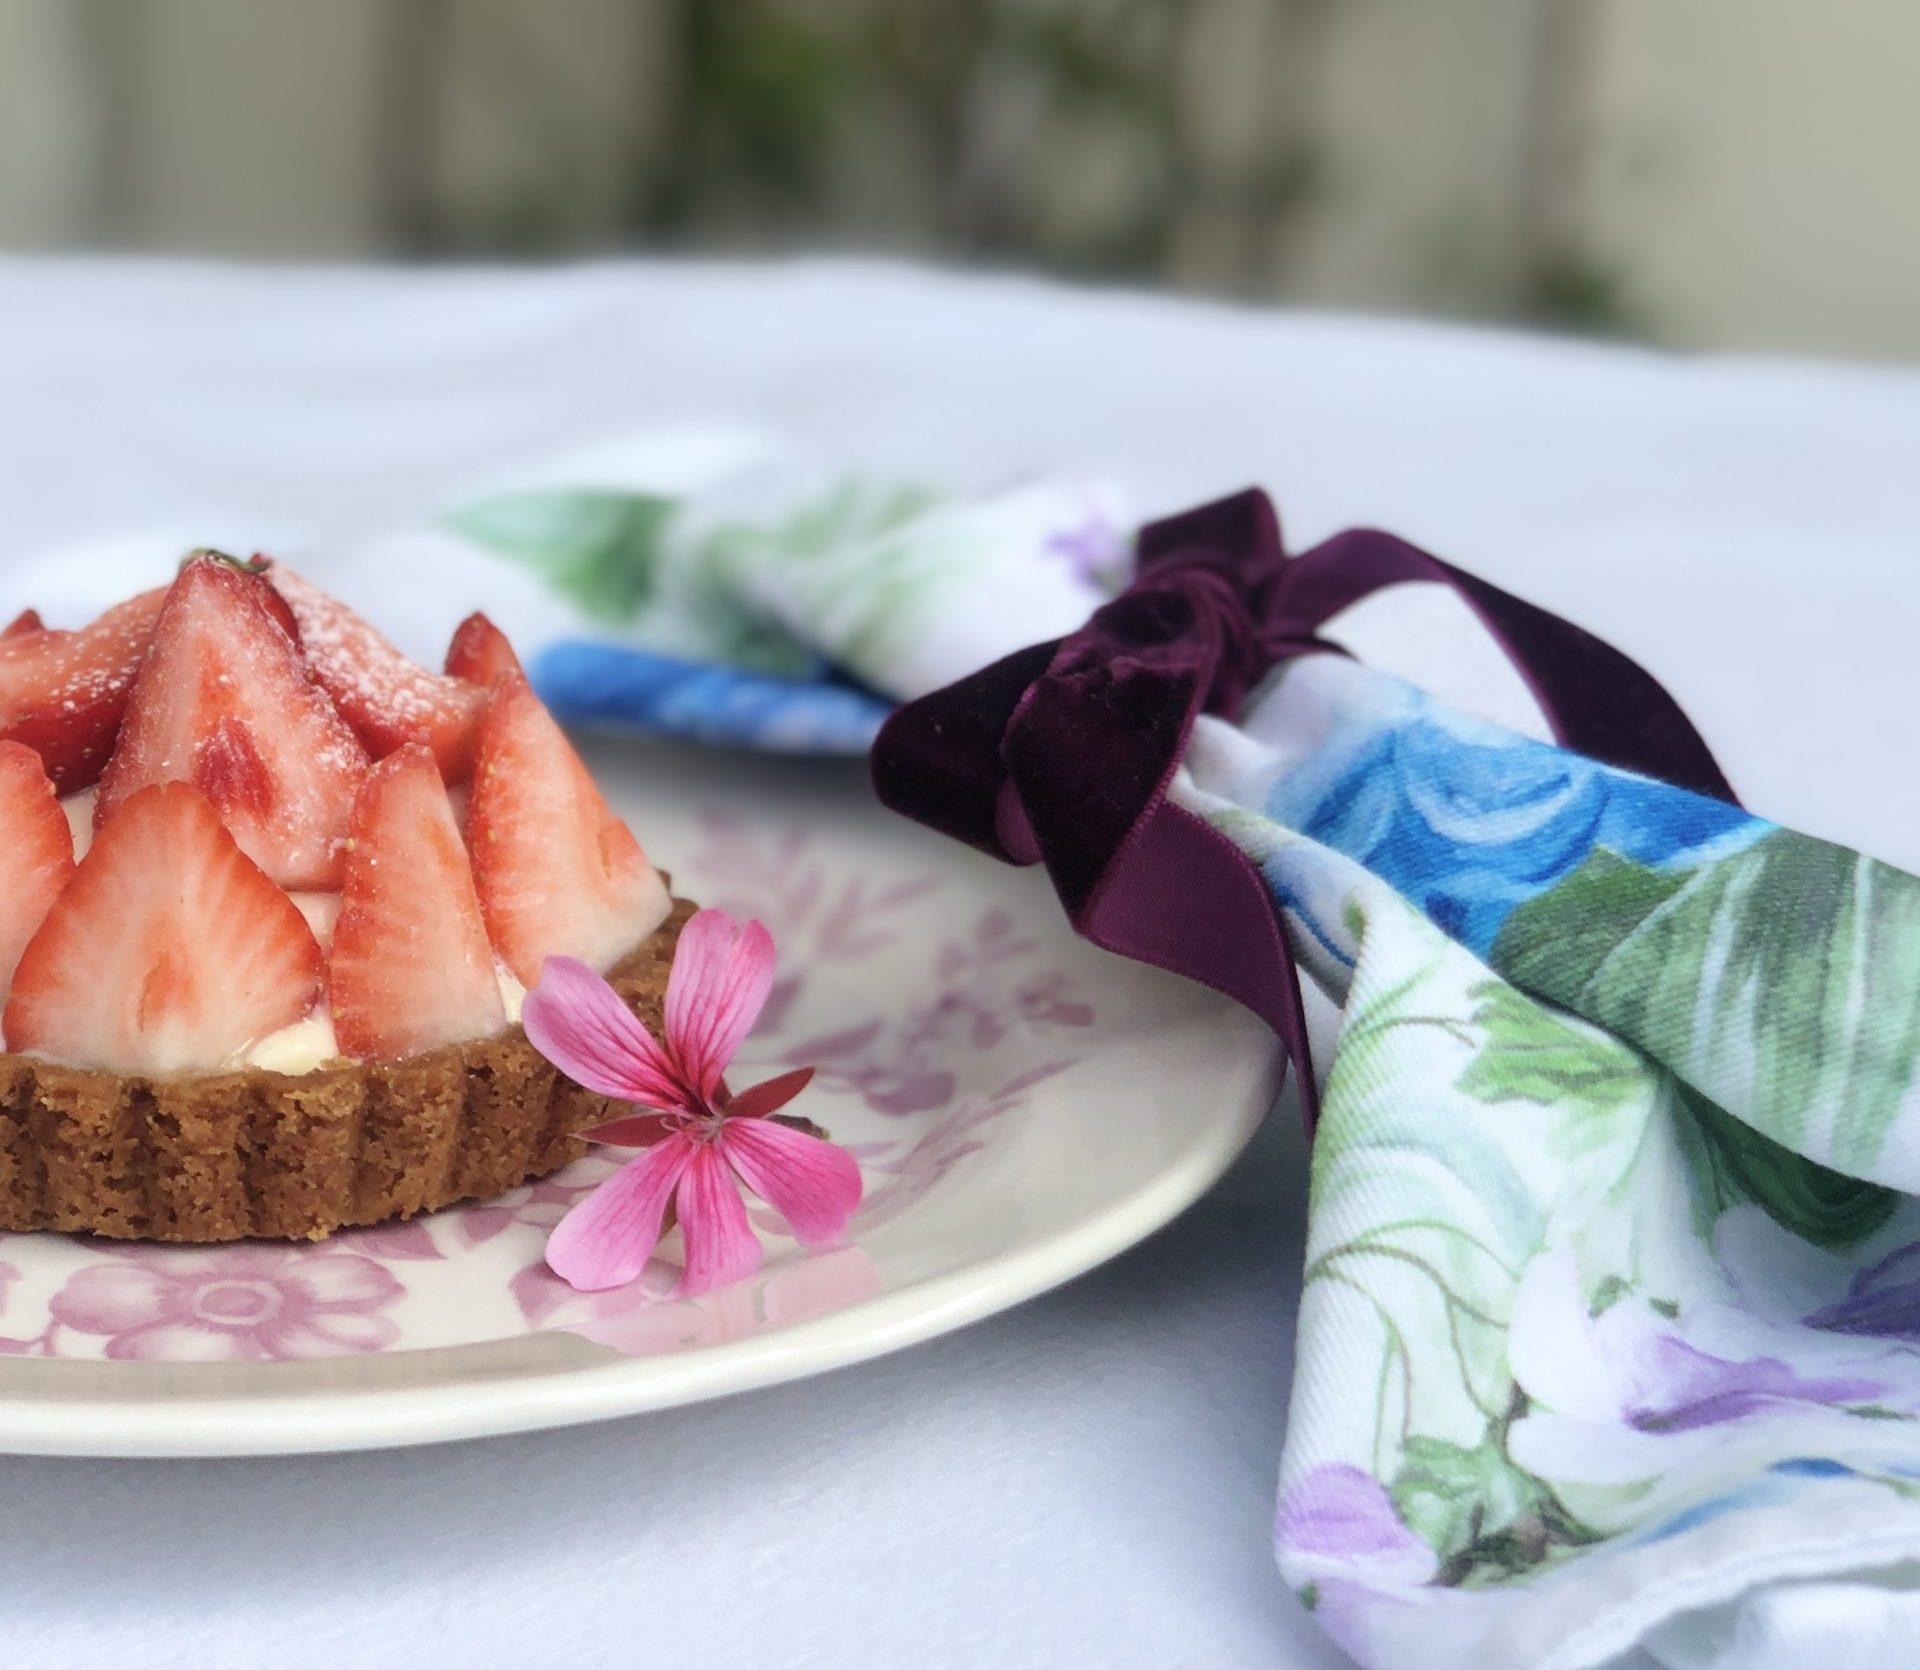 Tarteletje met aardbeien